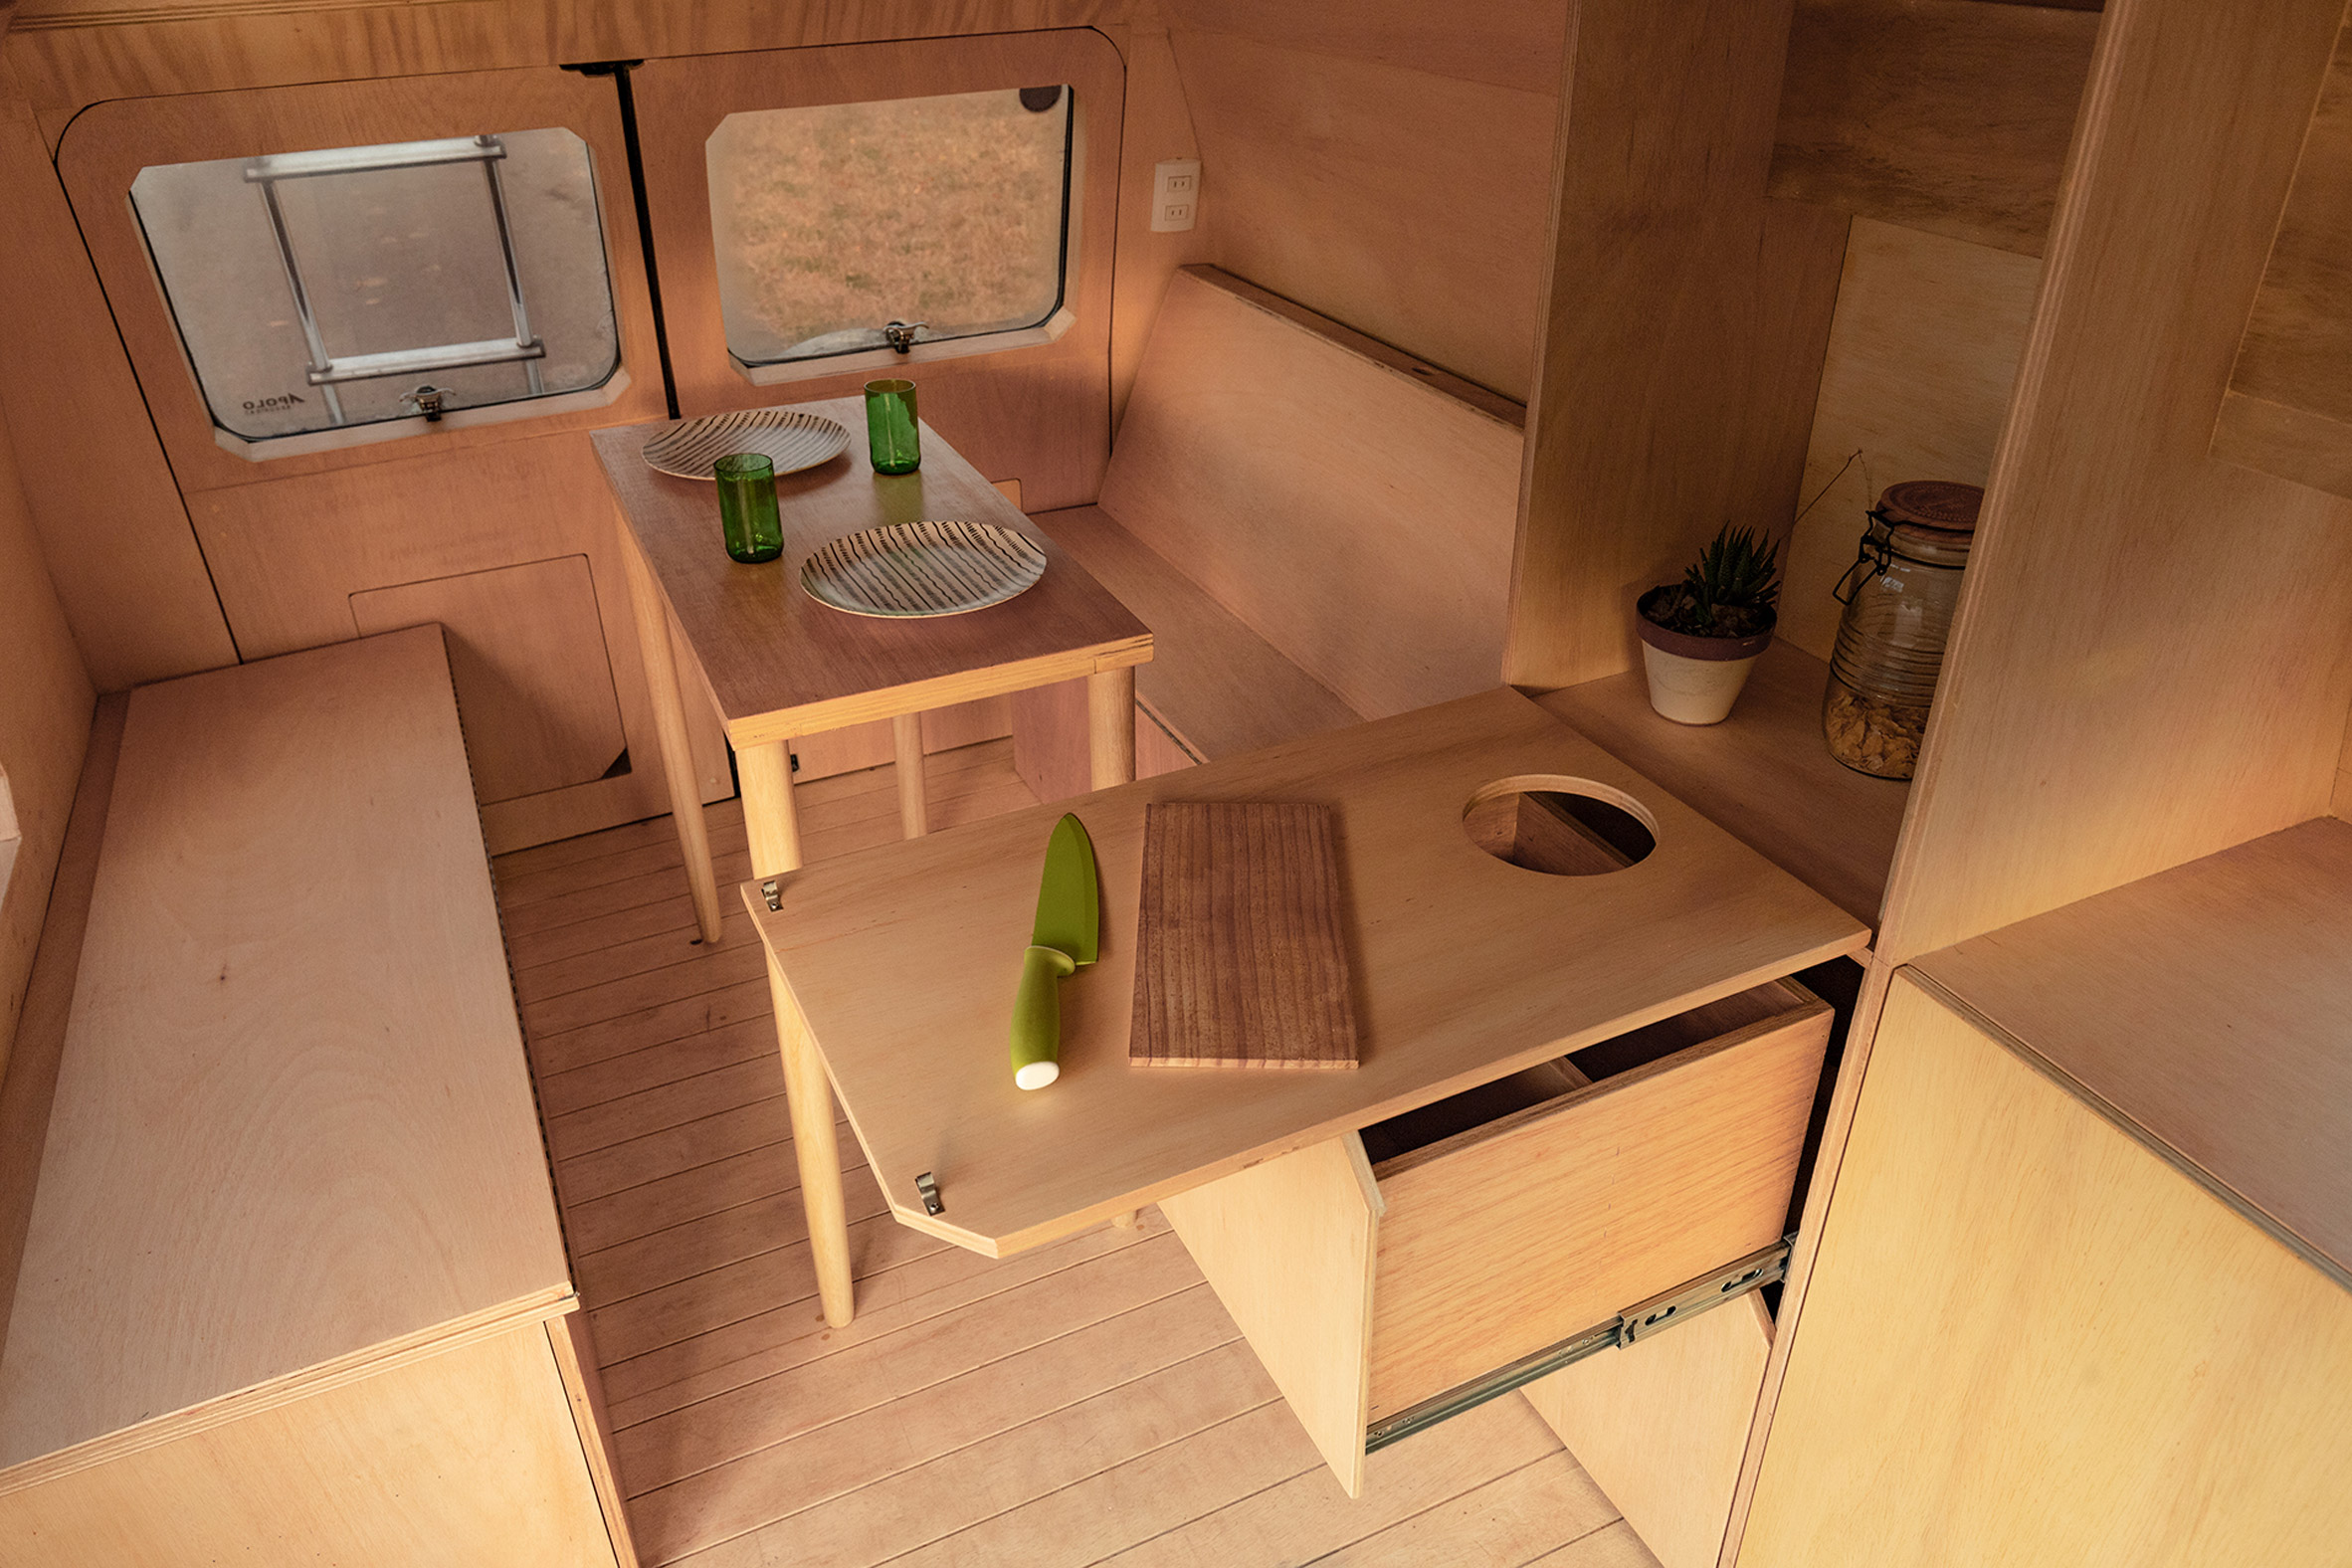 Wooden counter tops inside the caravan